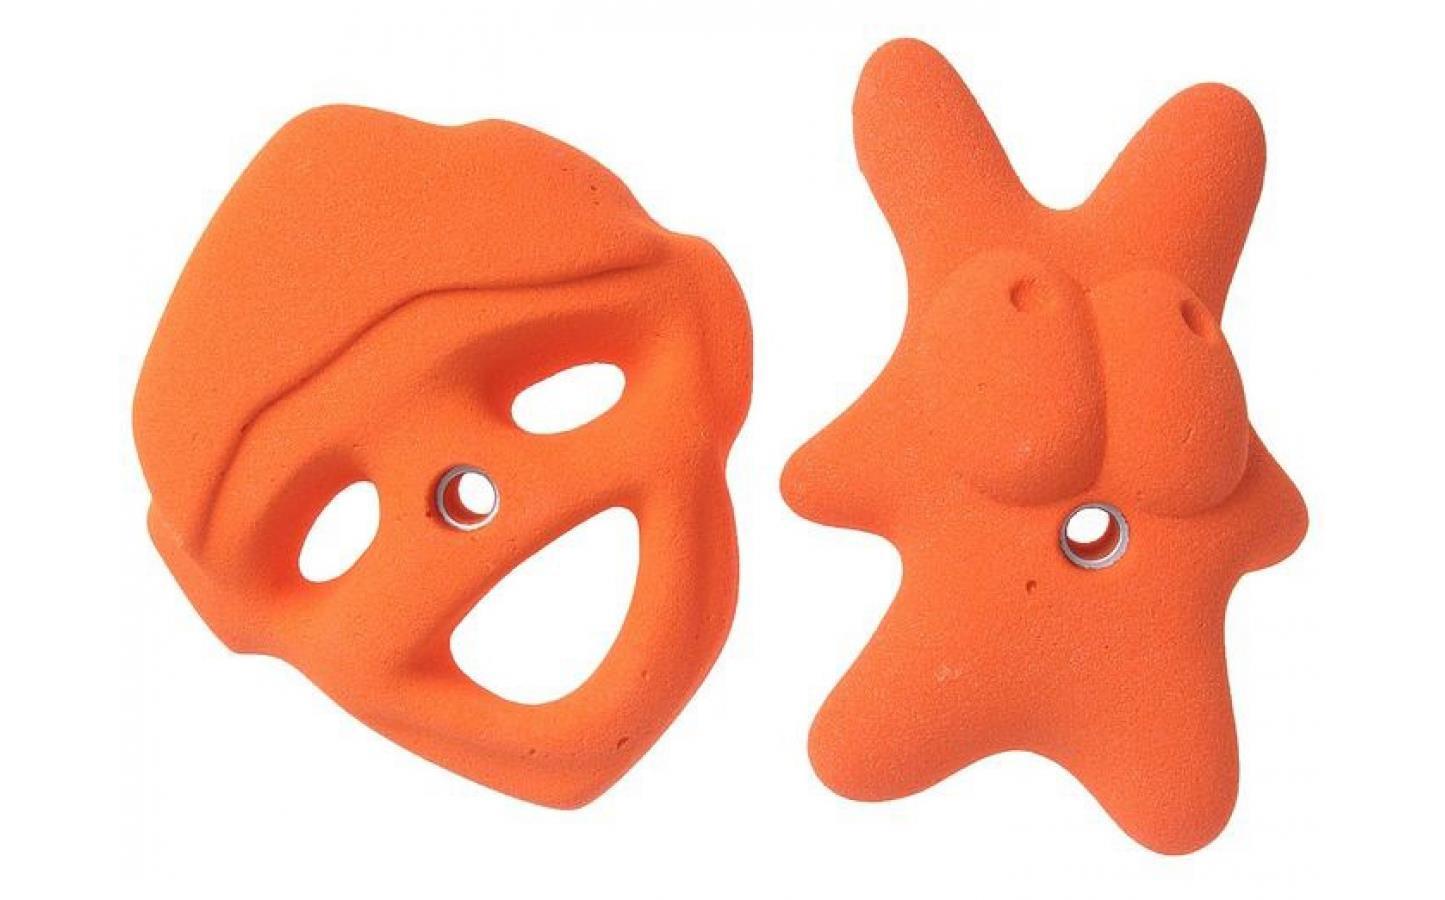 Как сделать зацепы для детского скалодрома своими руками